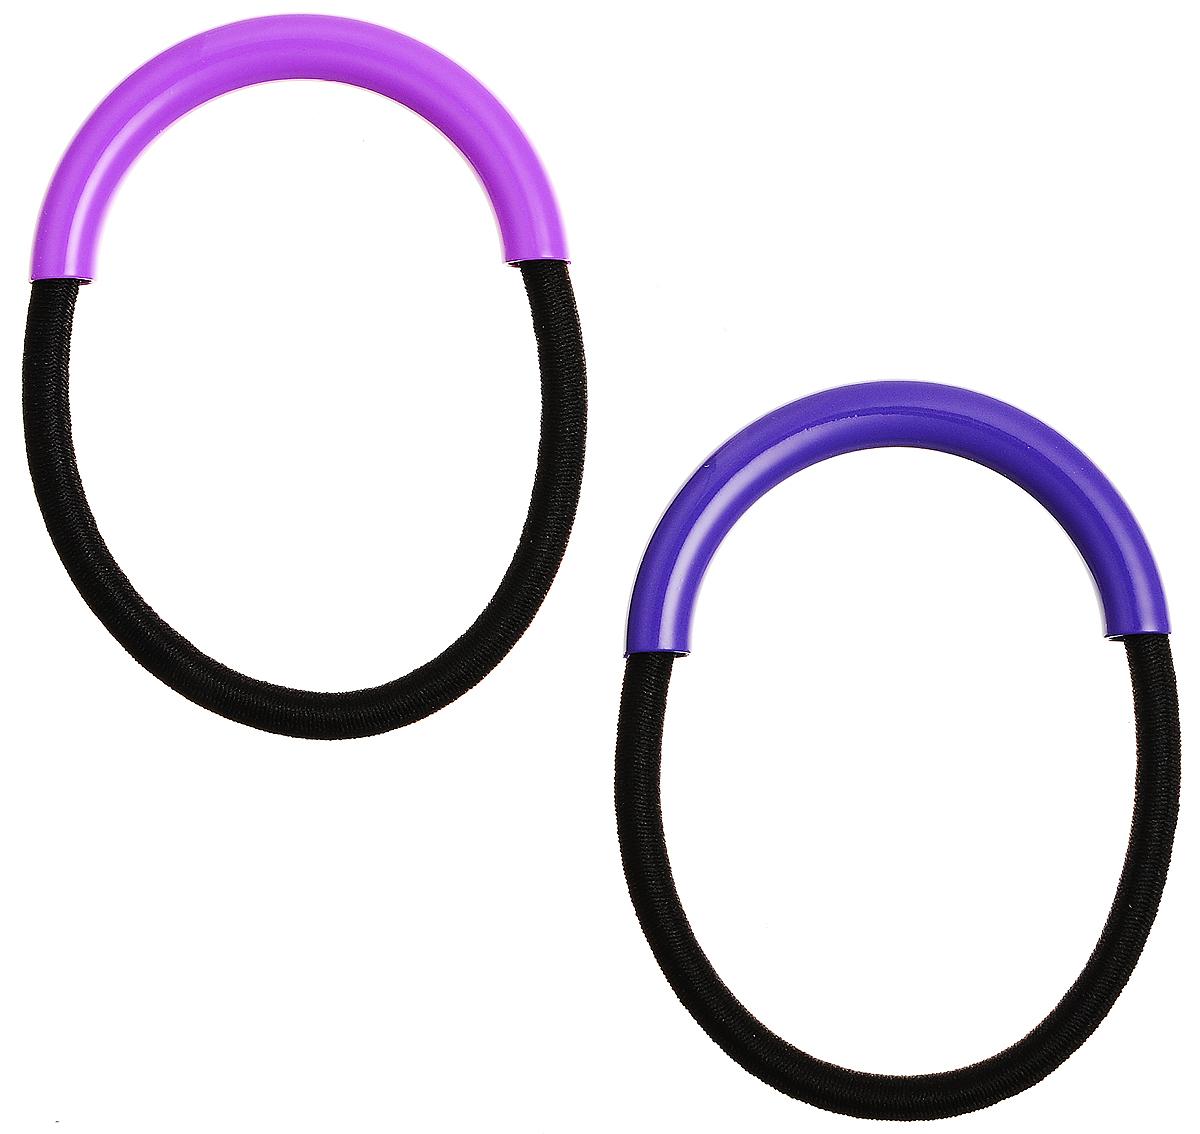 Резинка для волос Selena, цвет: фуксия, фиолетовый, 2 шт. 7006574570065745Набор резинок для волос Selena включает в себя две резинки, которые оформлены декоративными элементами из пластика. Элегантное украшение блестяще подчеркнет красоту вашей прически, а также поможет внести разнообразие в привычный образ.